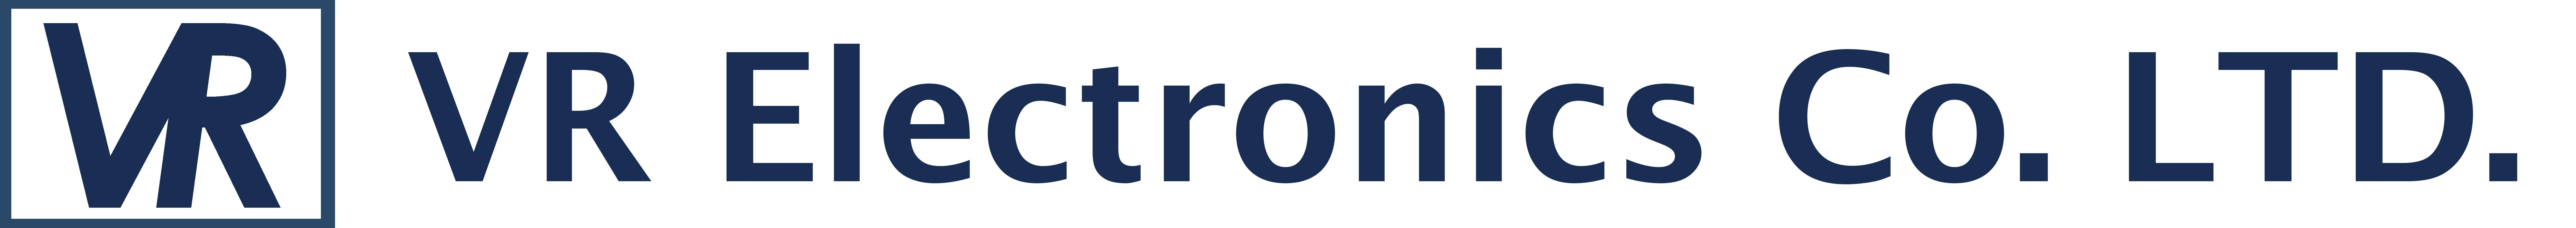 VR Electronics Co. LTD.